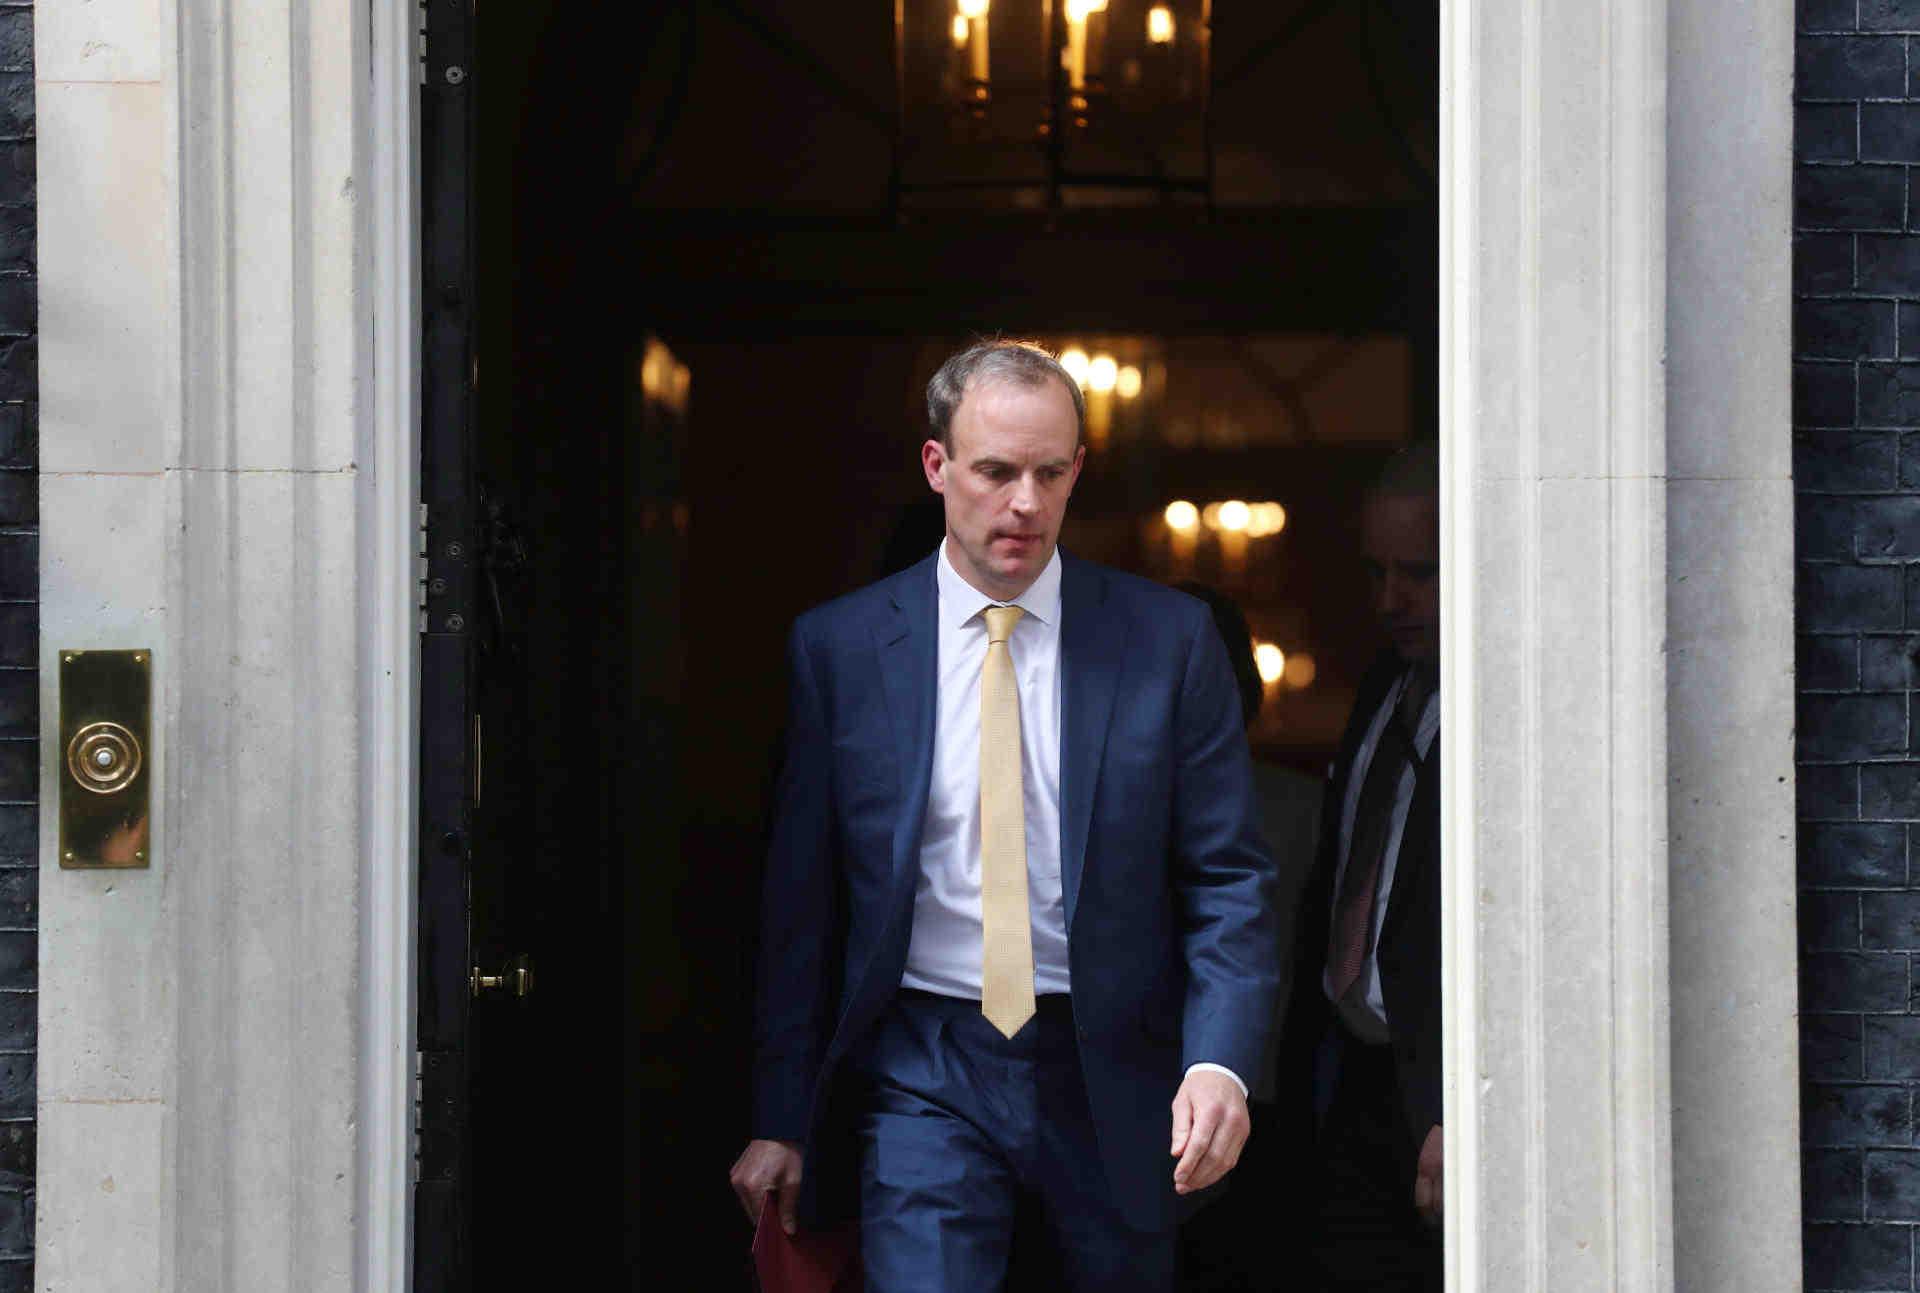 Les députés britanniques ont abrégé leurs vacances de Pâques pour rendre un hommage solennel à l'époux de la reine décédé vendredi. La cérémonie aura lieu dans l'après-midi à Westminster.